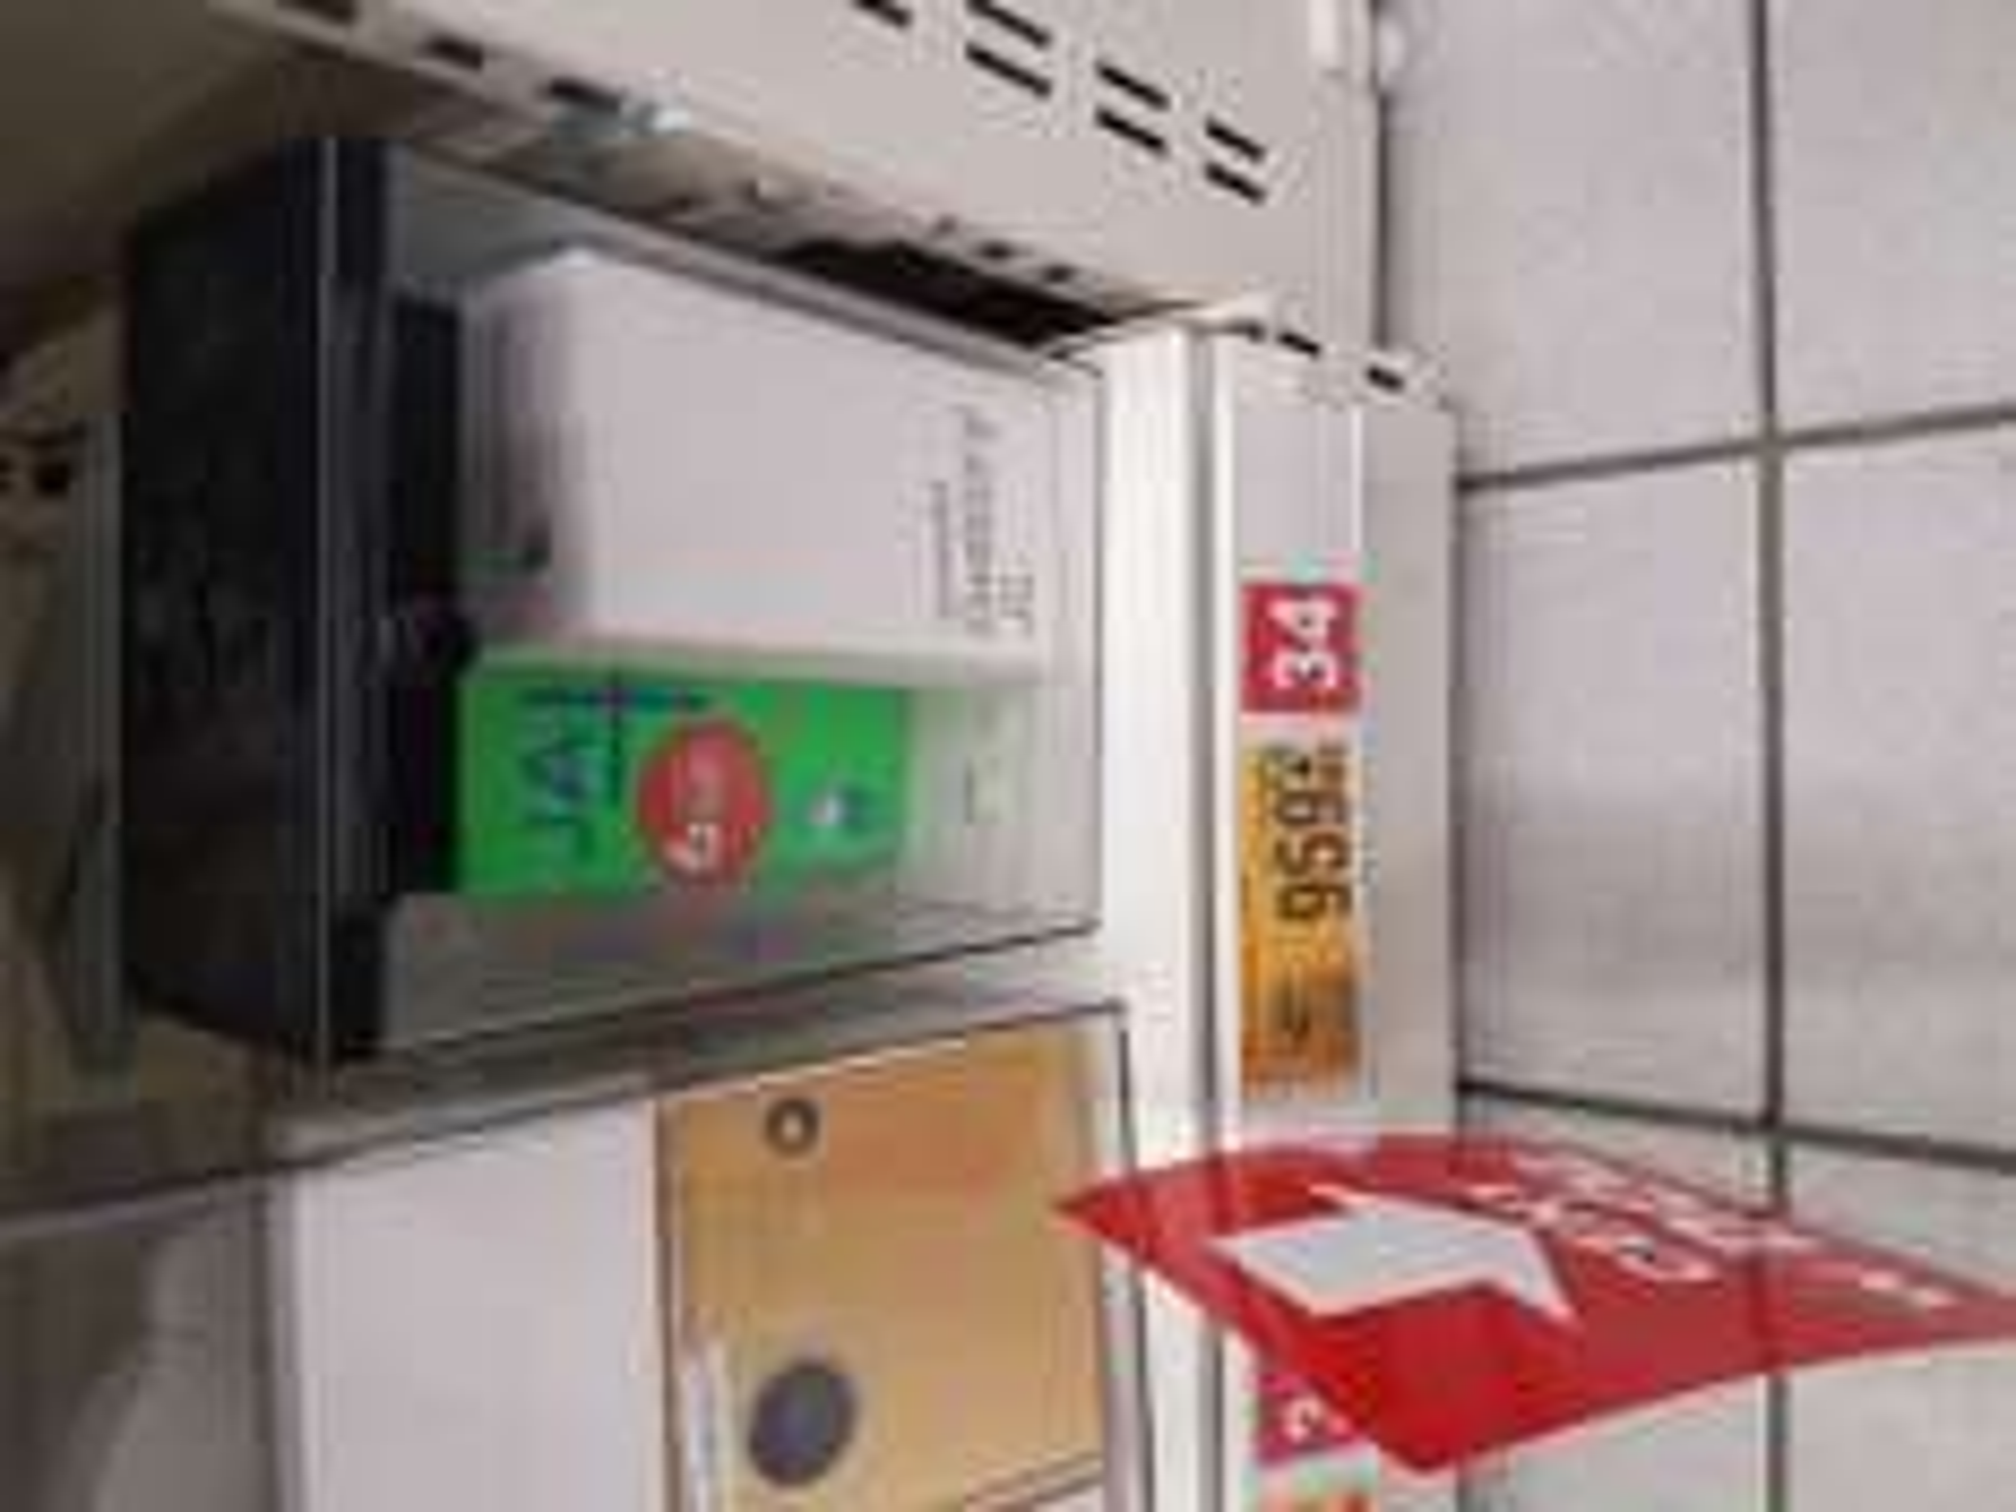 Samsung Galaxy J3 - 679zł i J5 - 959zł @Auchan (Tarnów)